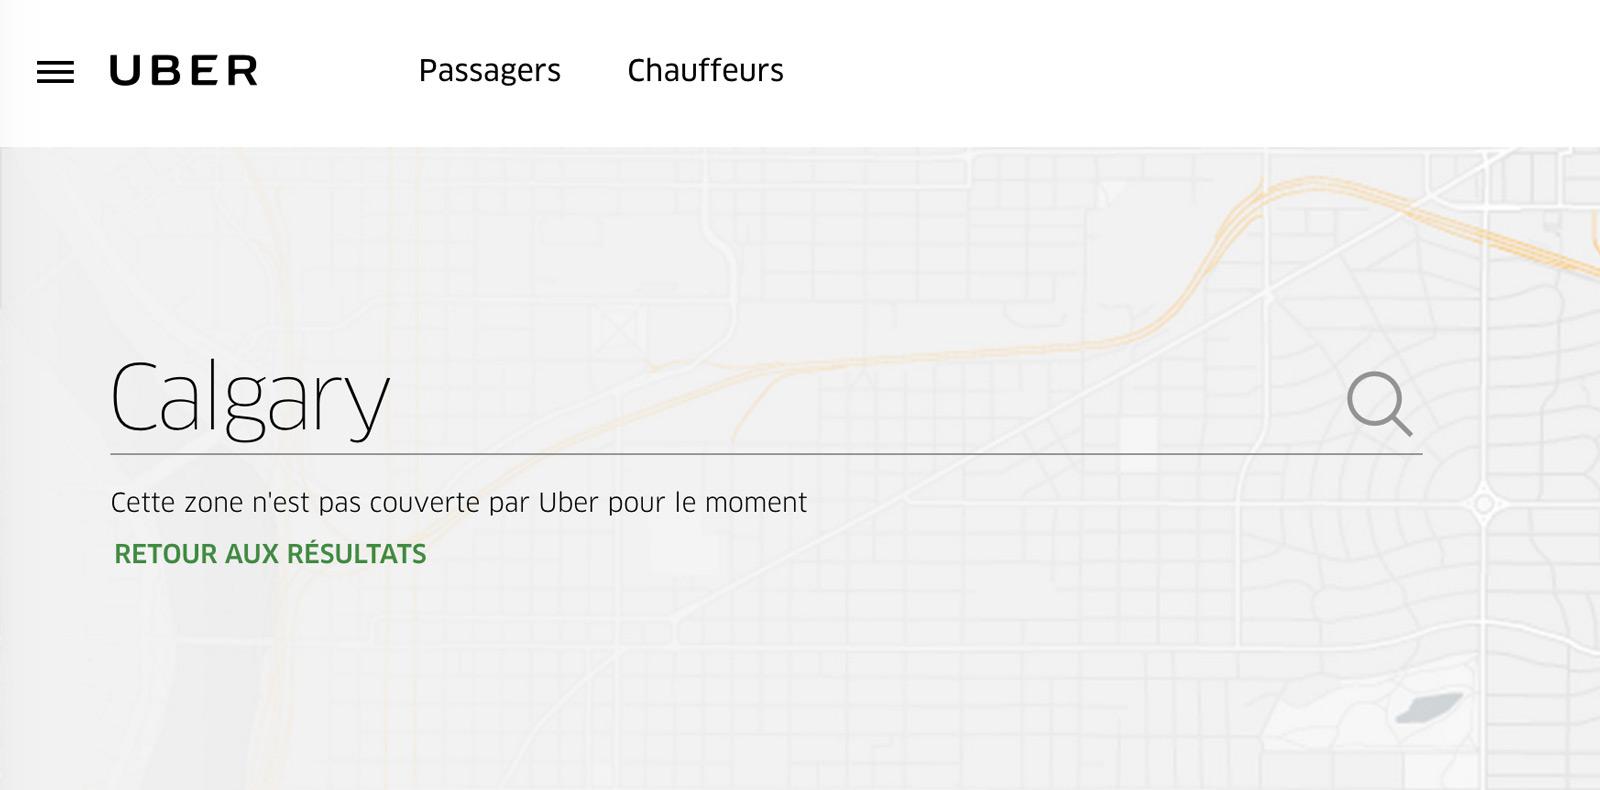 Devant une réglementation jugée excessive, Uber s'est retiré de la ville de Calgary en février dernier.